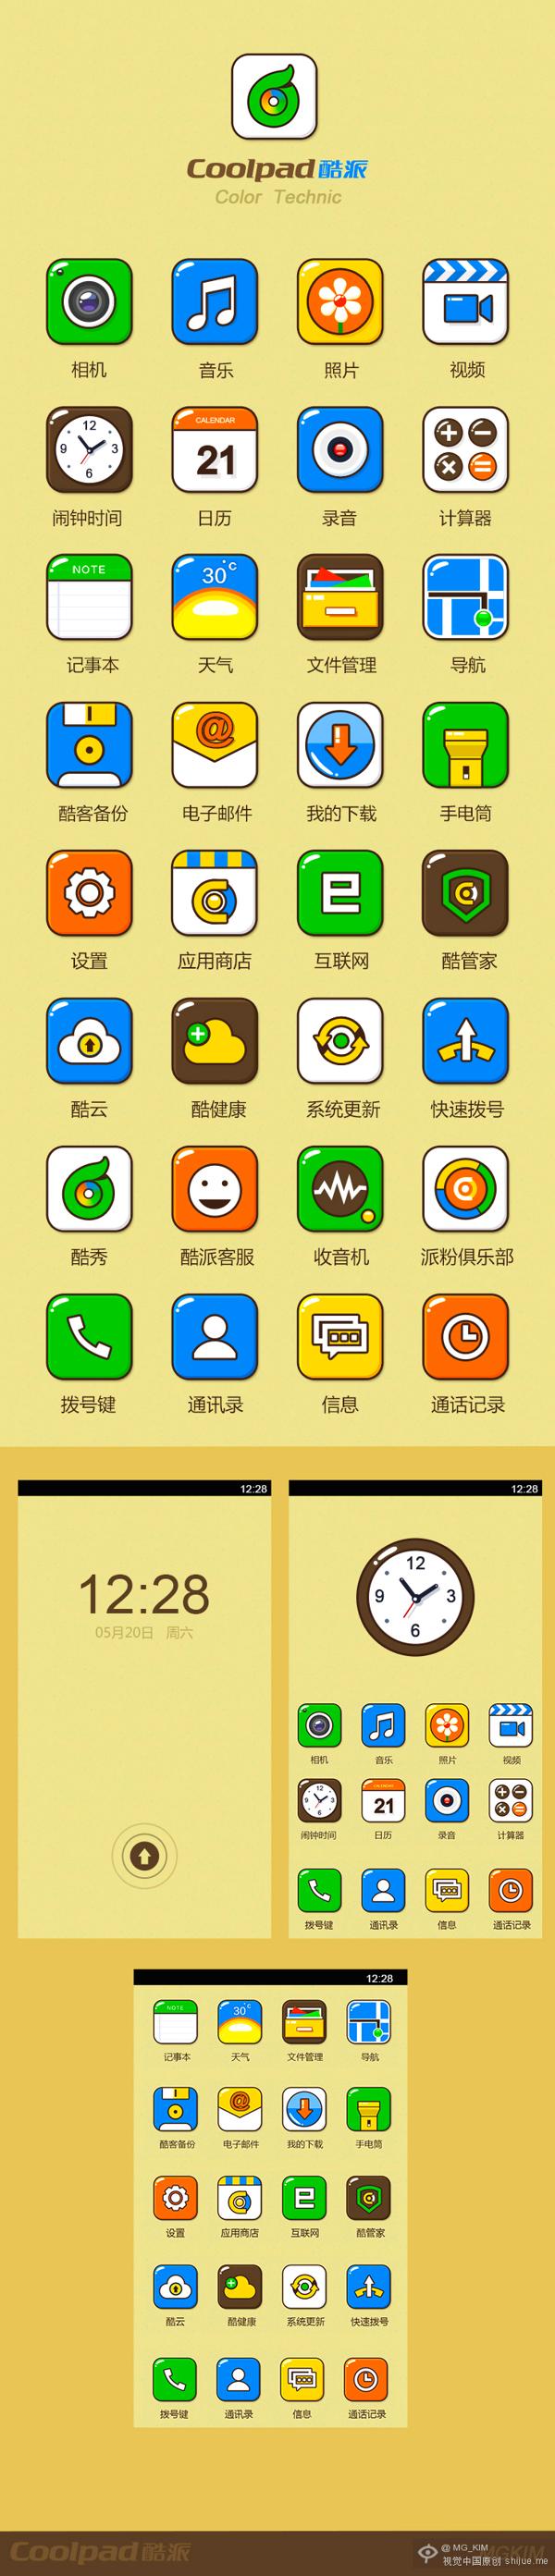 手机UI参赛作品(모바일 UI디자인) on Behance